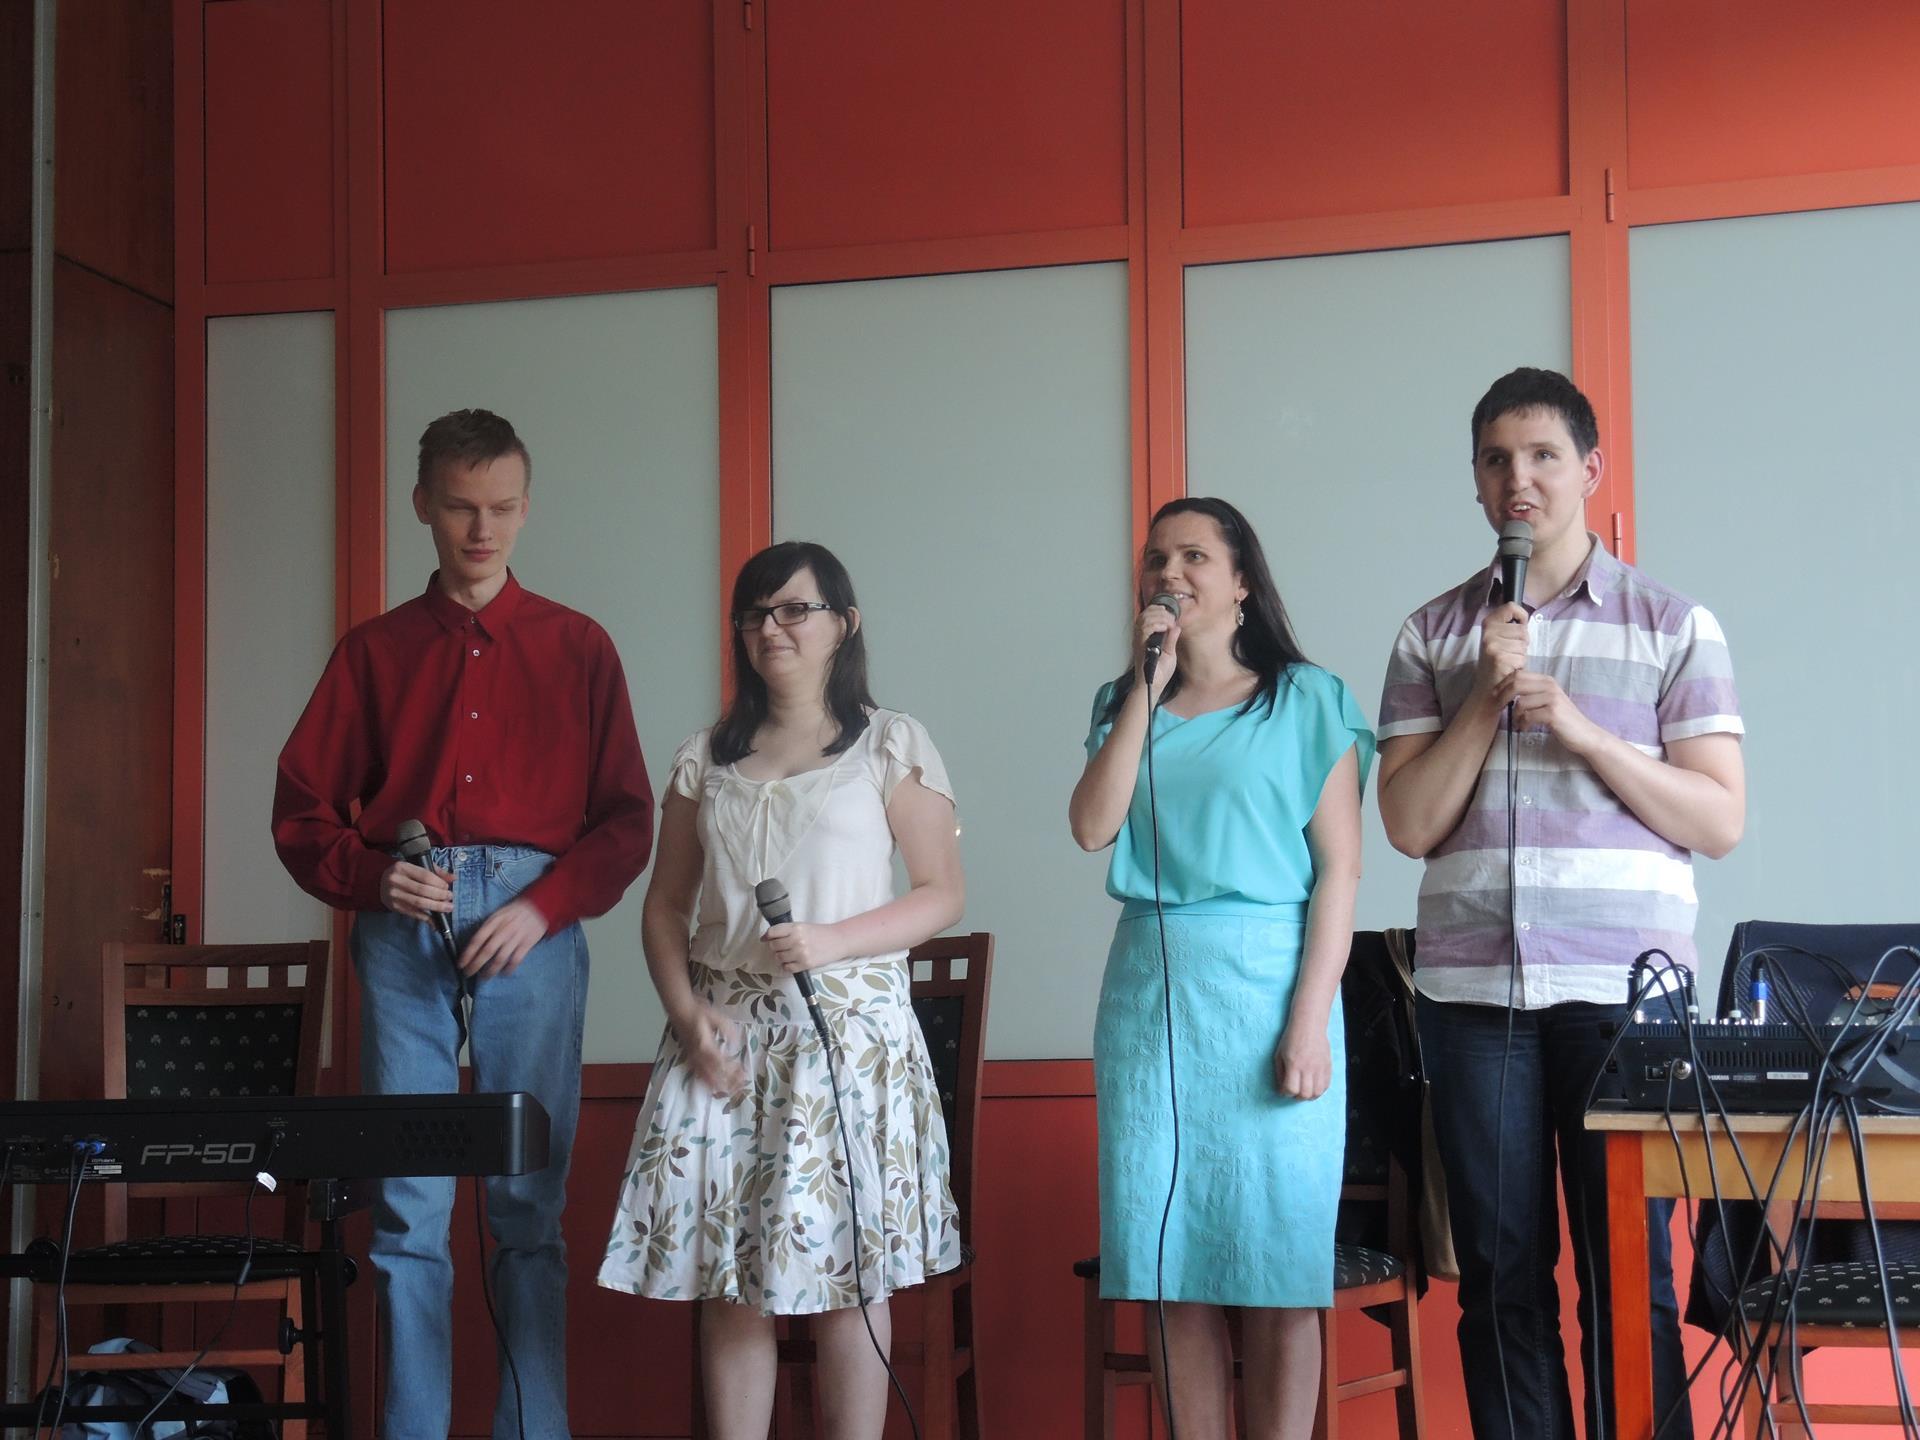 (cztery osoby - dwóch mężczyzn, wie kobiety) stoją, w rękach trzymają mikrofony. Mężczyzna i kobieta, którzy znajdują się na zdjęciu po prawej stronie, śpiewają.